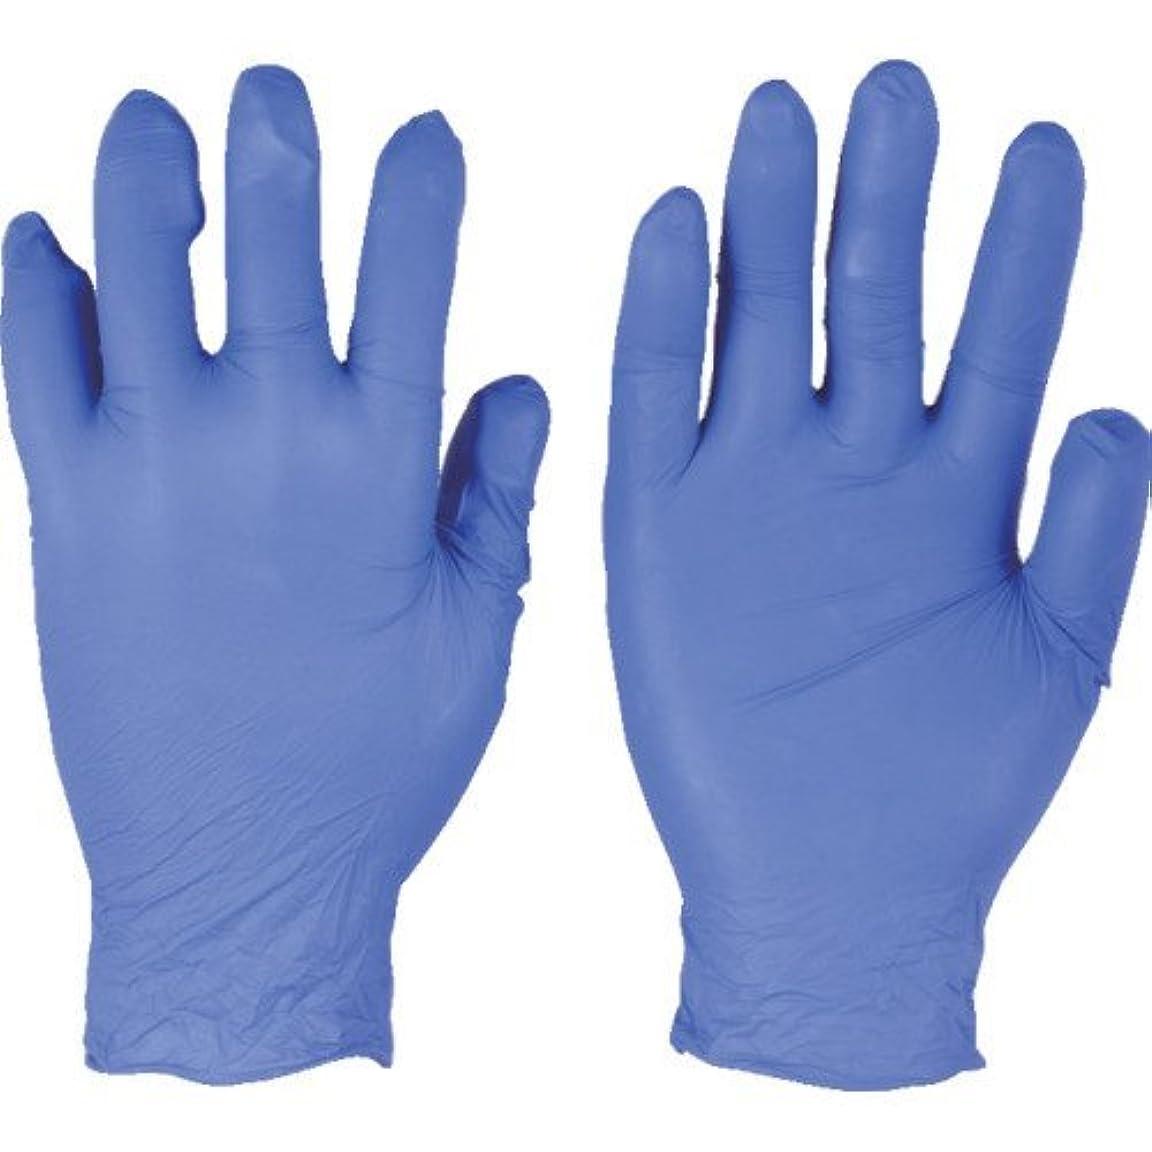 グラム残り物騒トラスコ中山 アンセル ニトリルゴム使い捨て手袋 エッジ 82-133 Lサイズ(300枚入り)  (300枚入) 821339